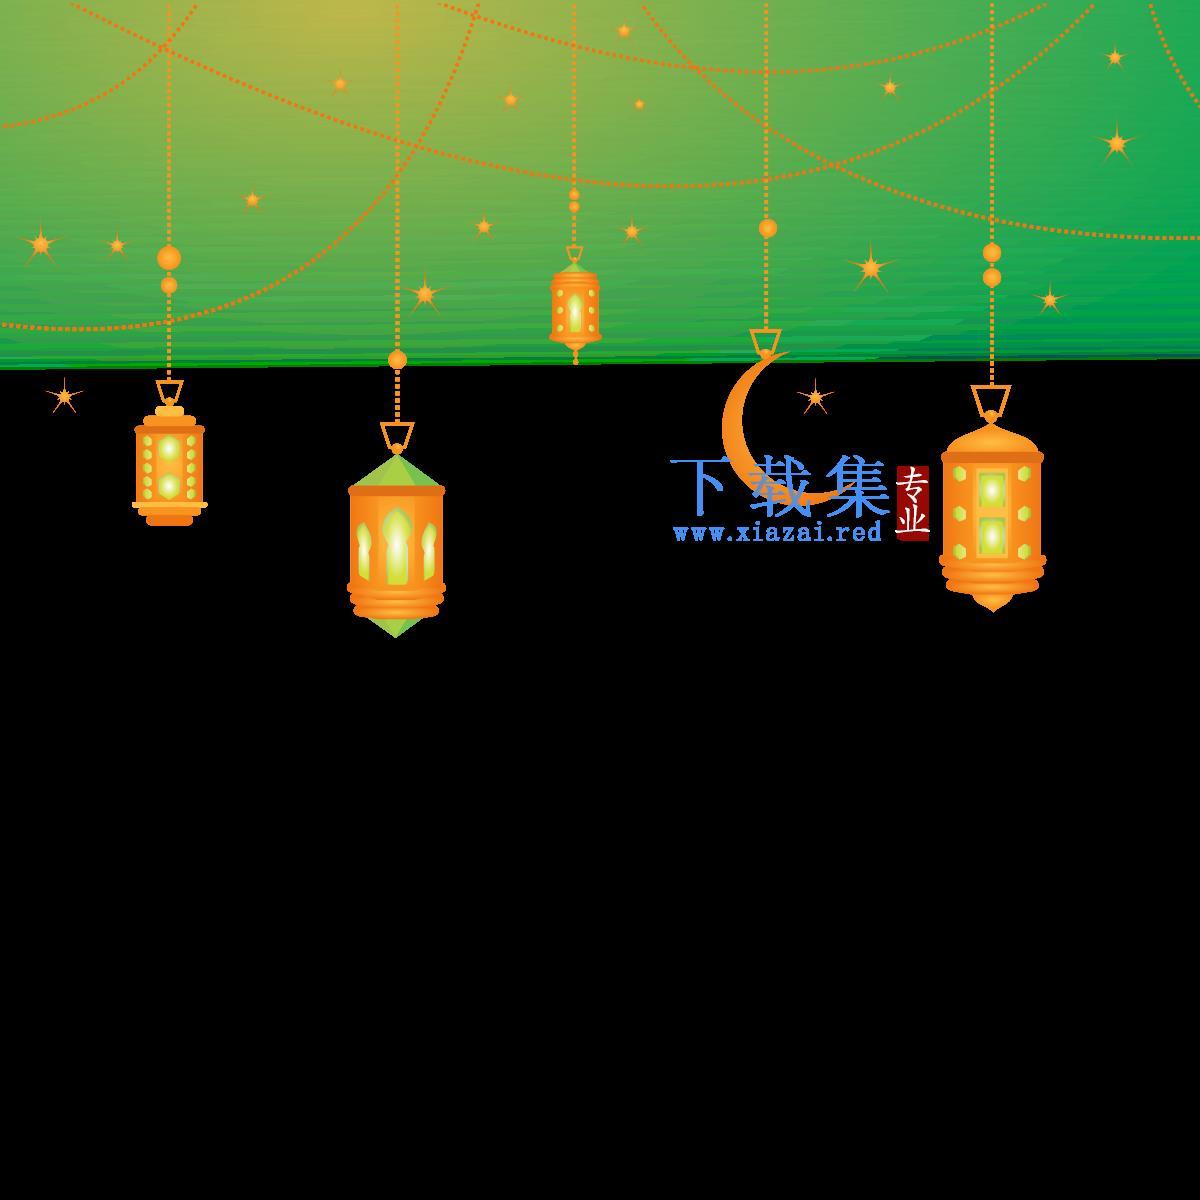 伊斯兰背景灯吊灯CDR素材